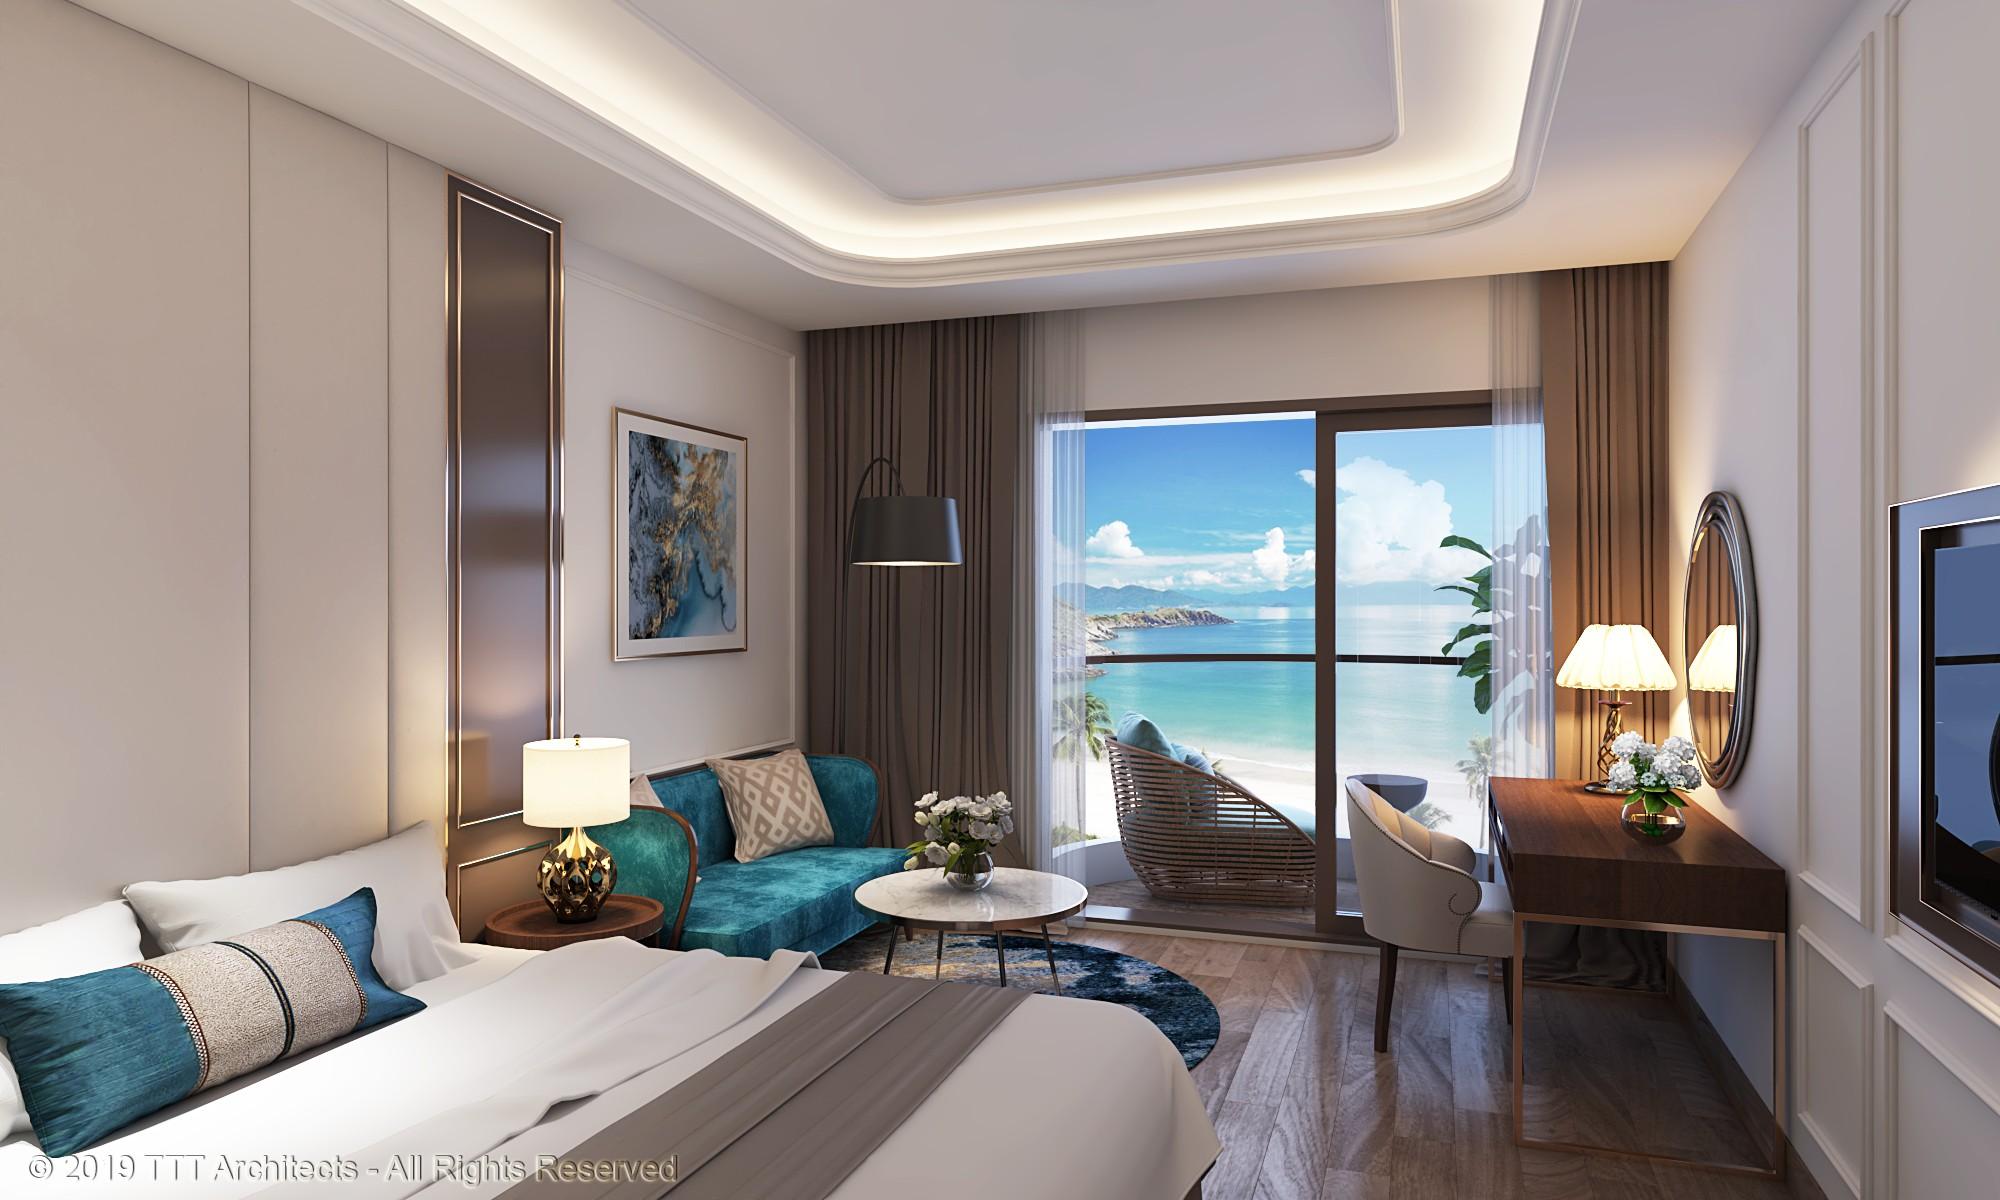 cho thuê căn hộ condotel Oyster Gành Hào Trần Phú Vũng Tàu